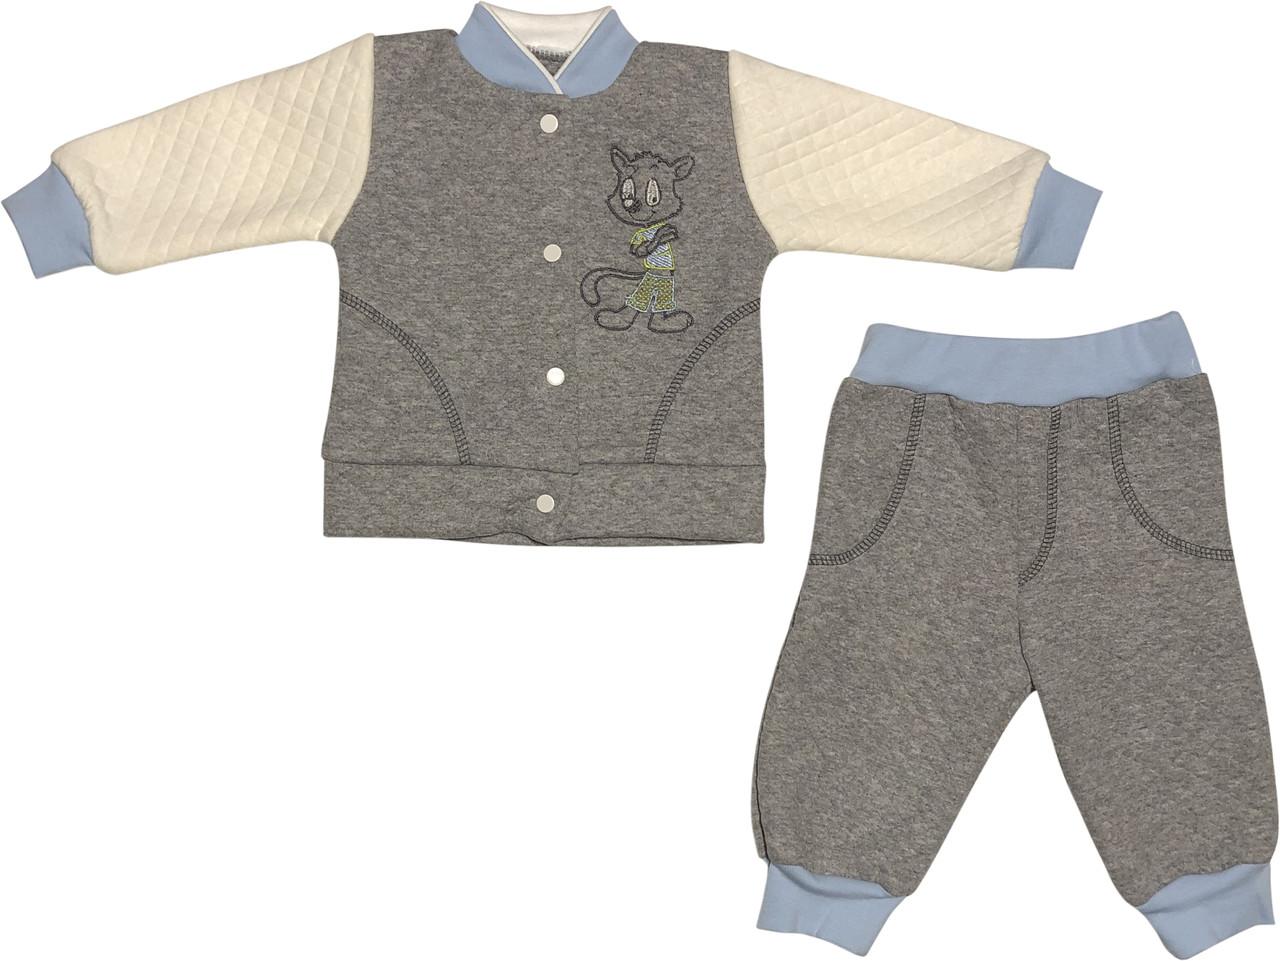 Костюм на хлопчика ріст 68 3-6 міс для новонароджених малюків комплект дитячий трикотаж капітон бавовна сірий